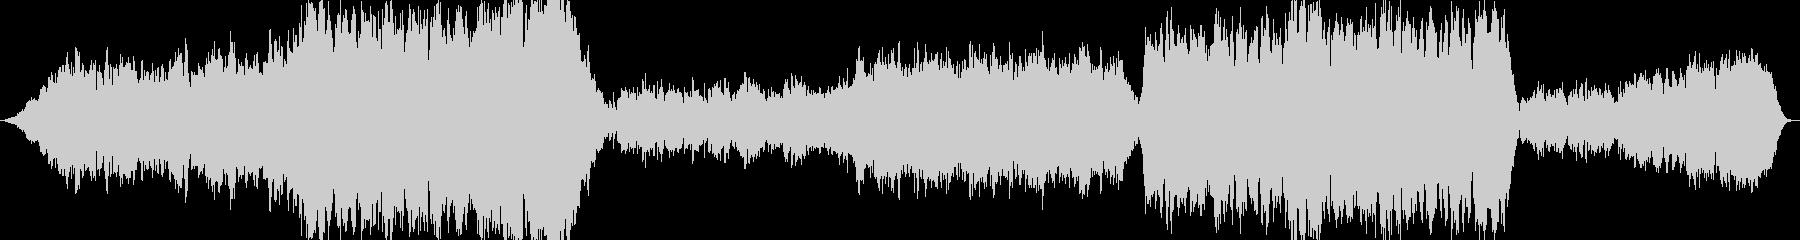 オーケストラバラードの未再生の波形